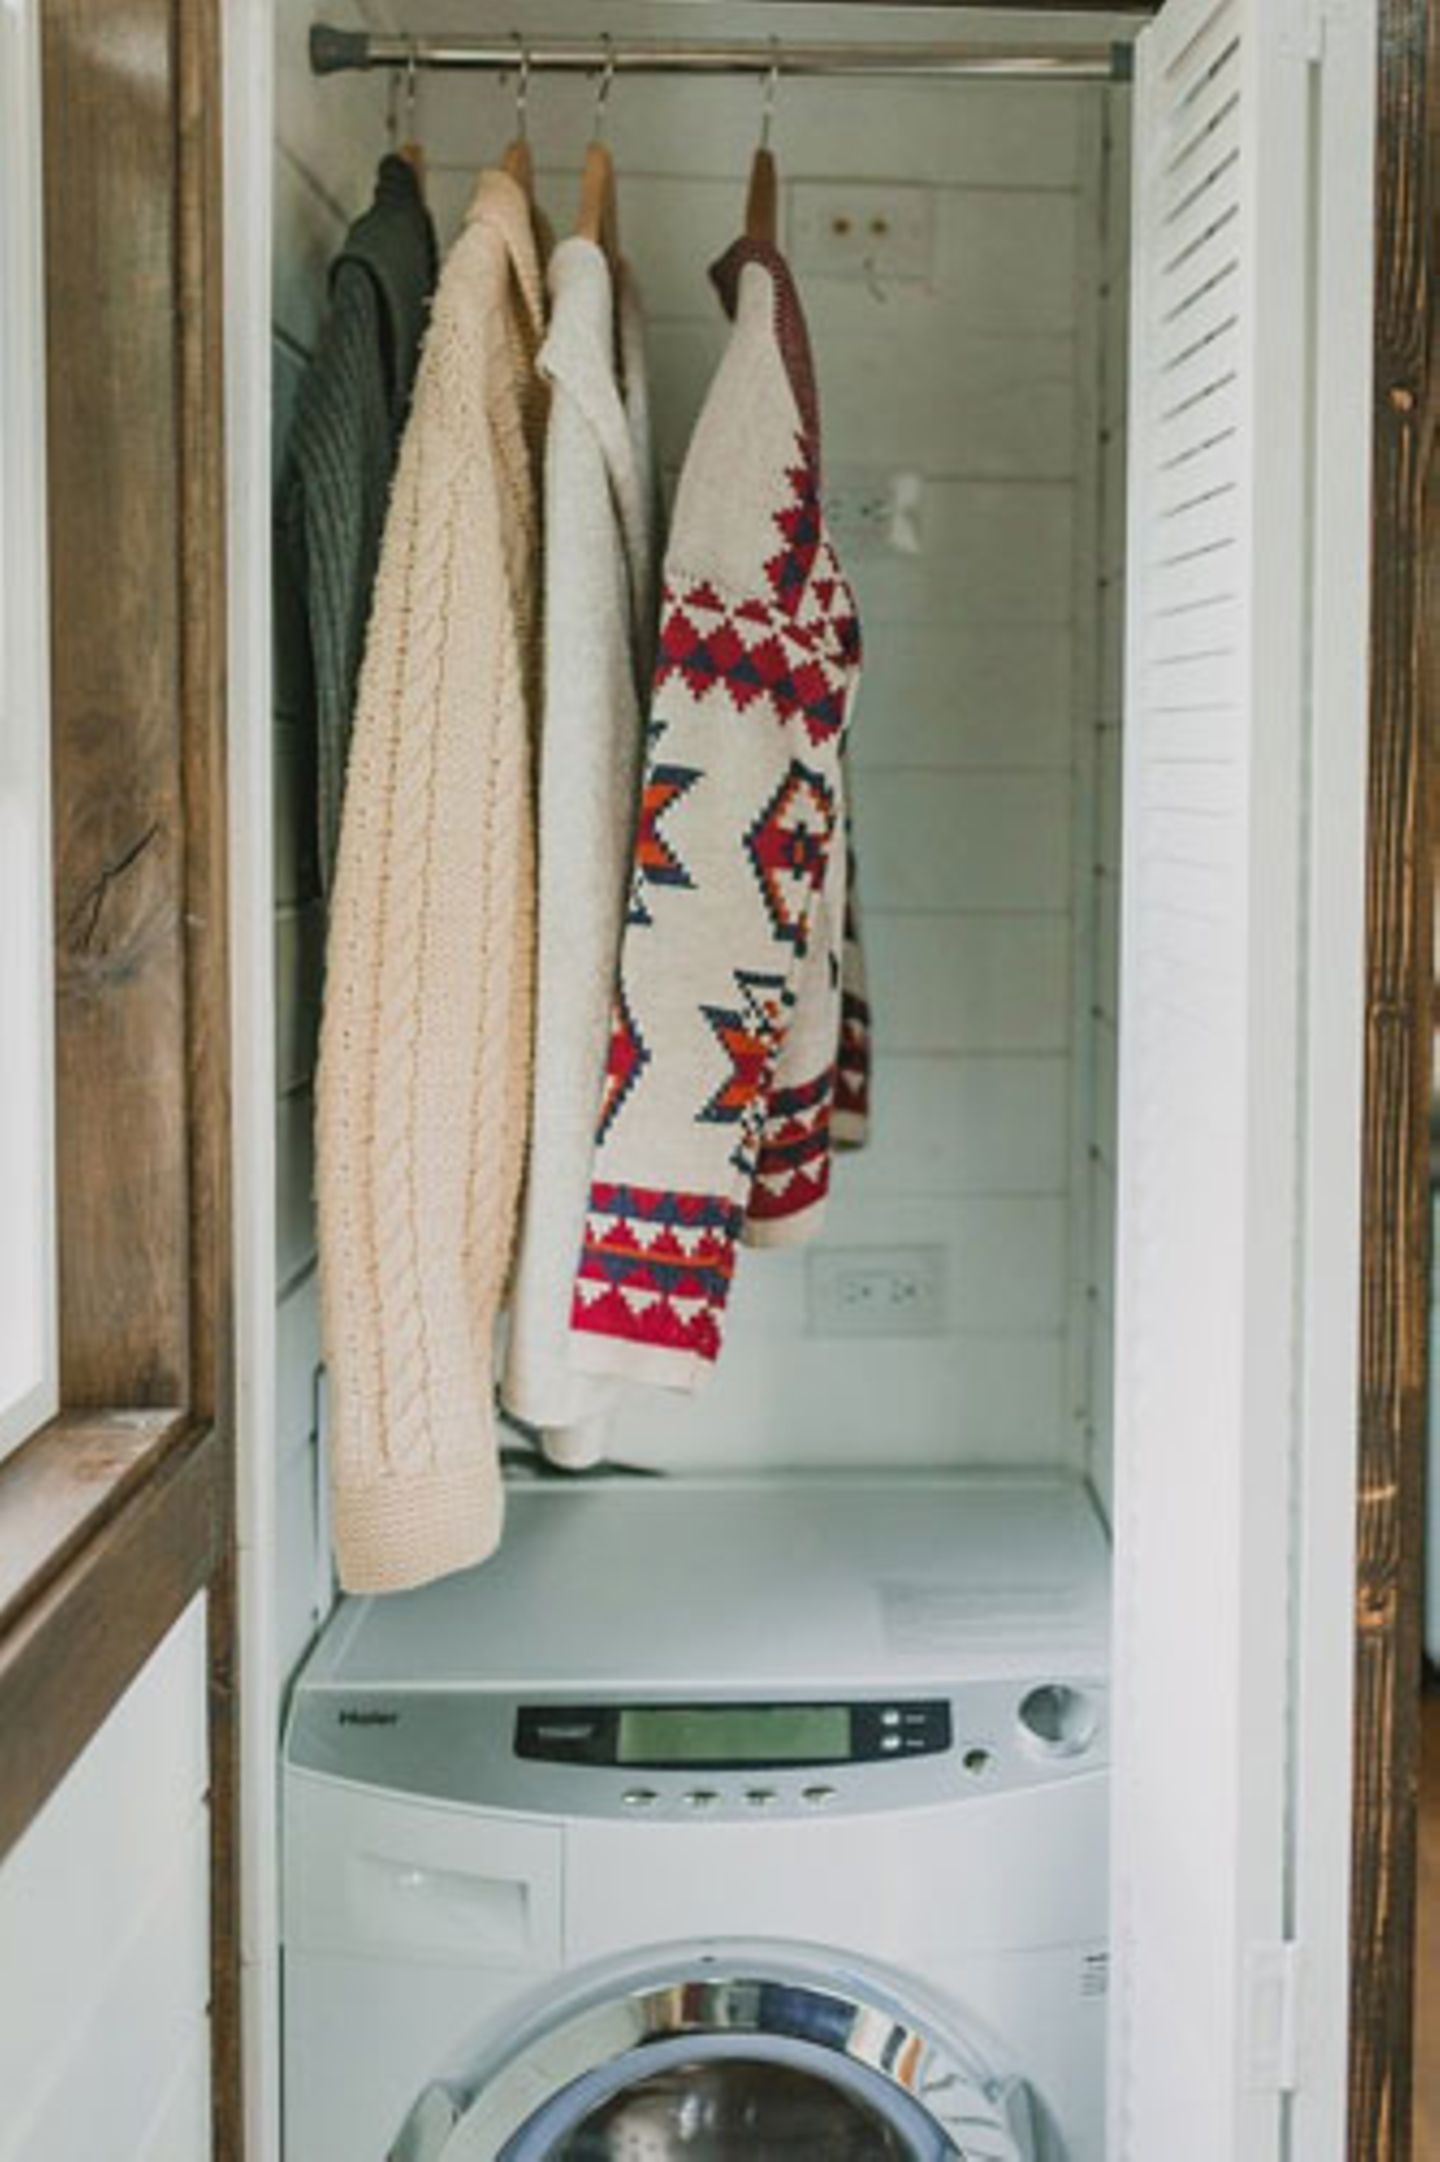 Waschmaschine in der Garderobe